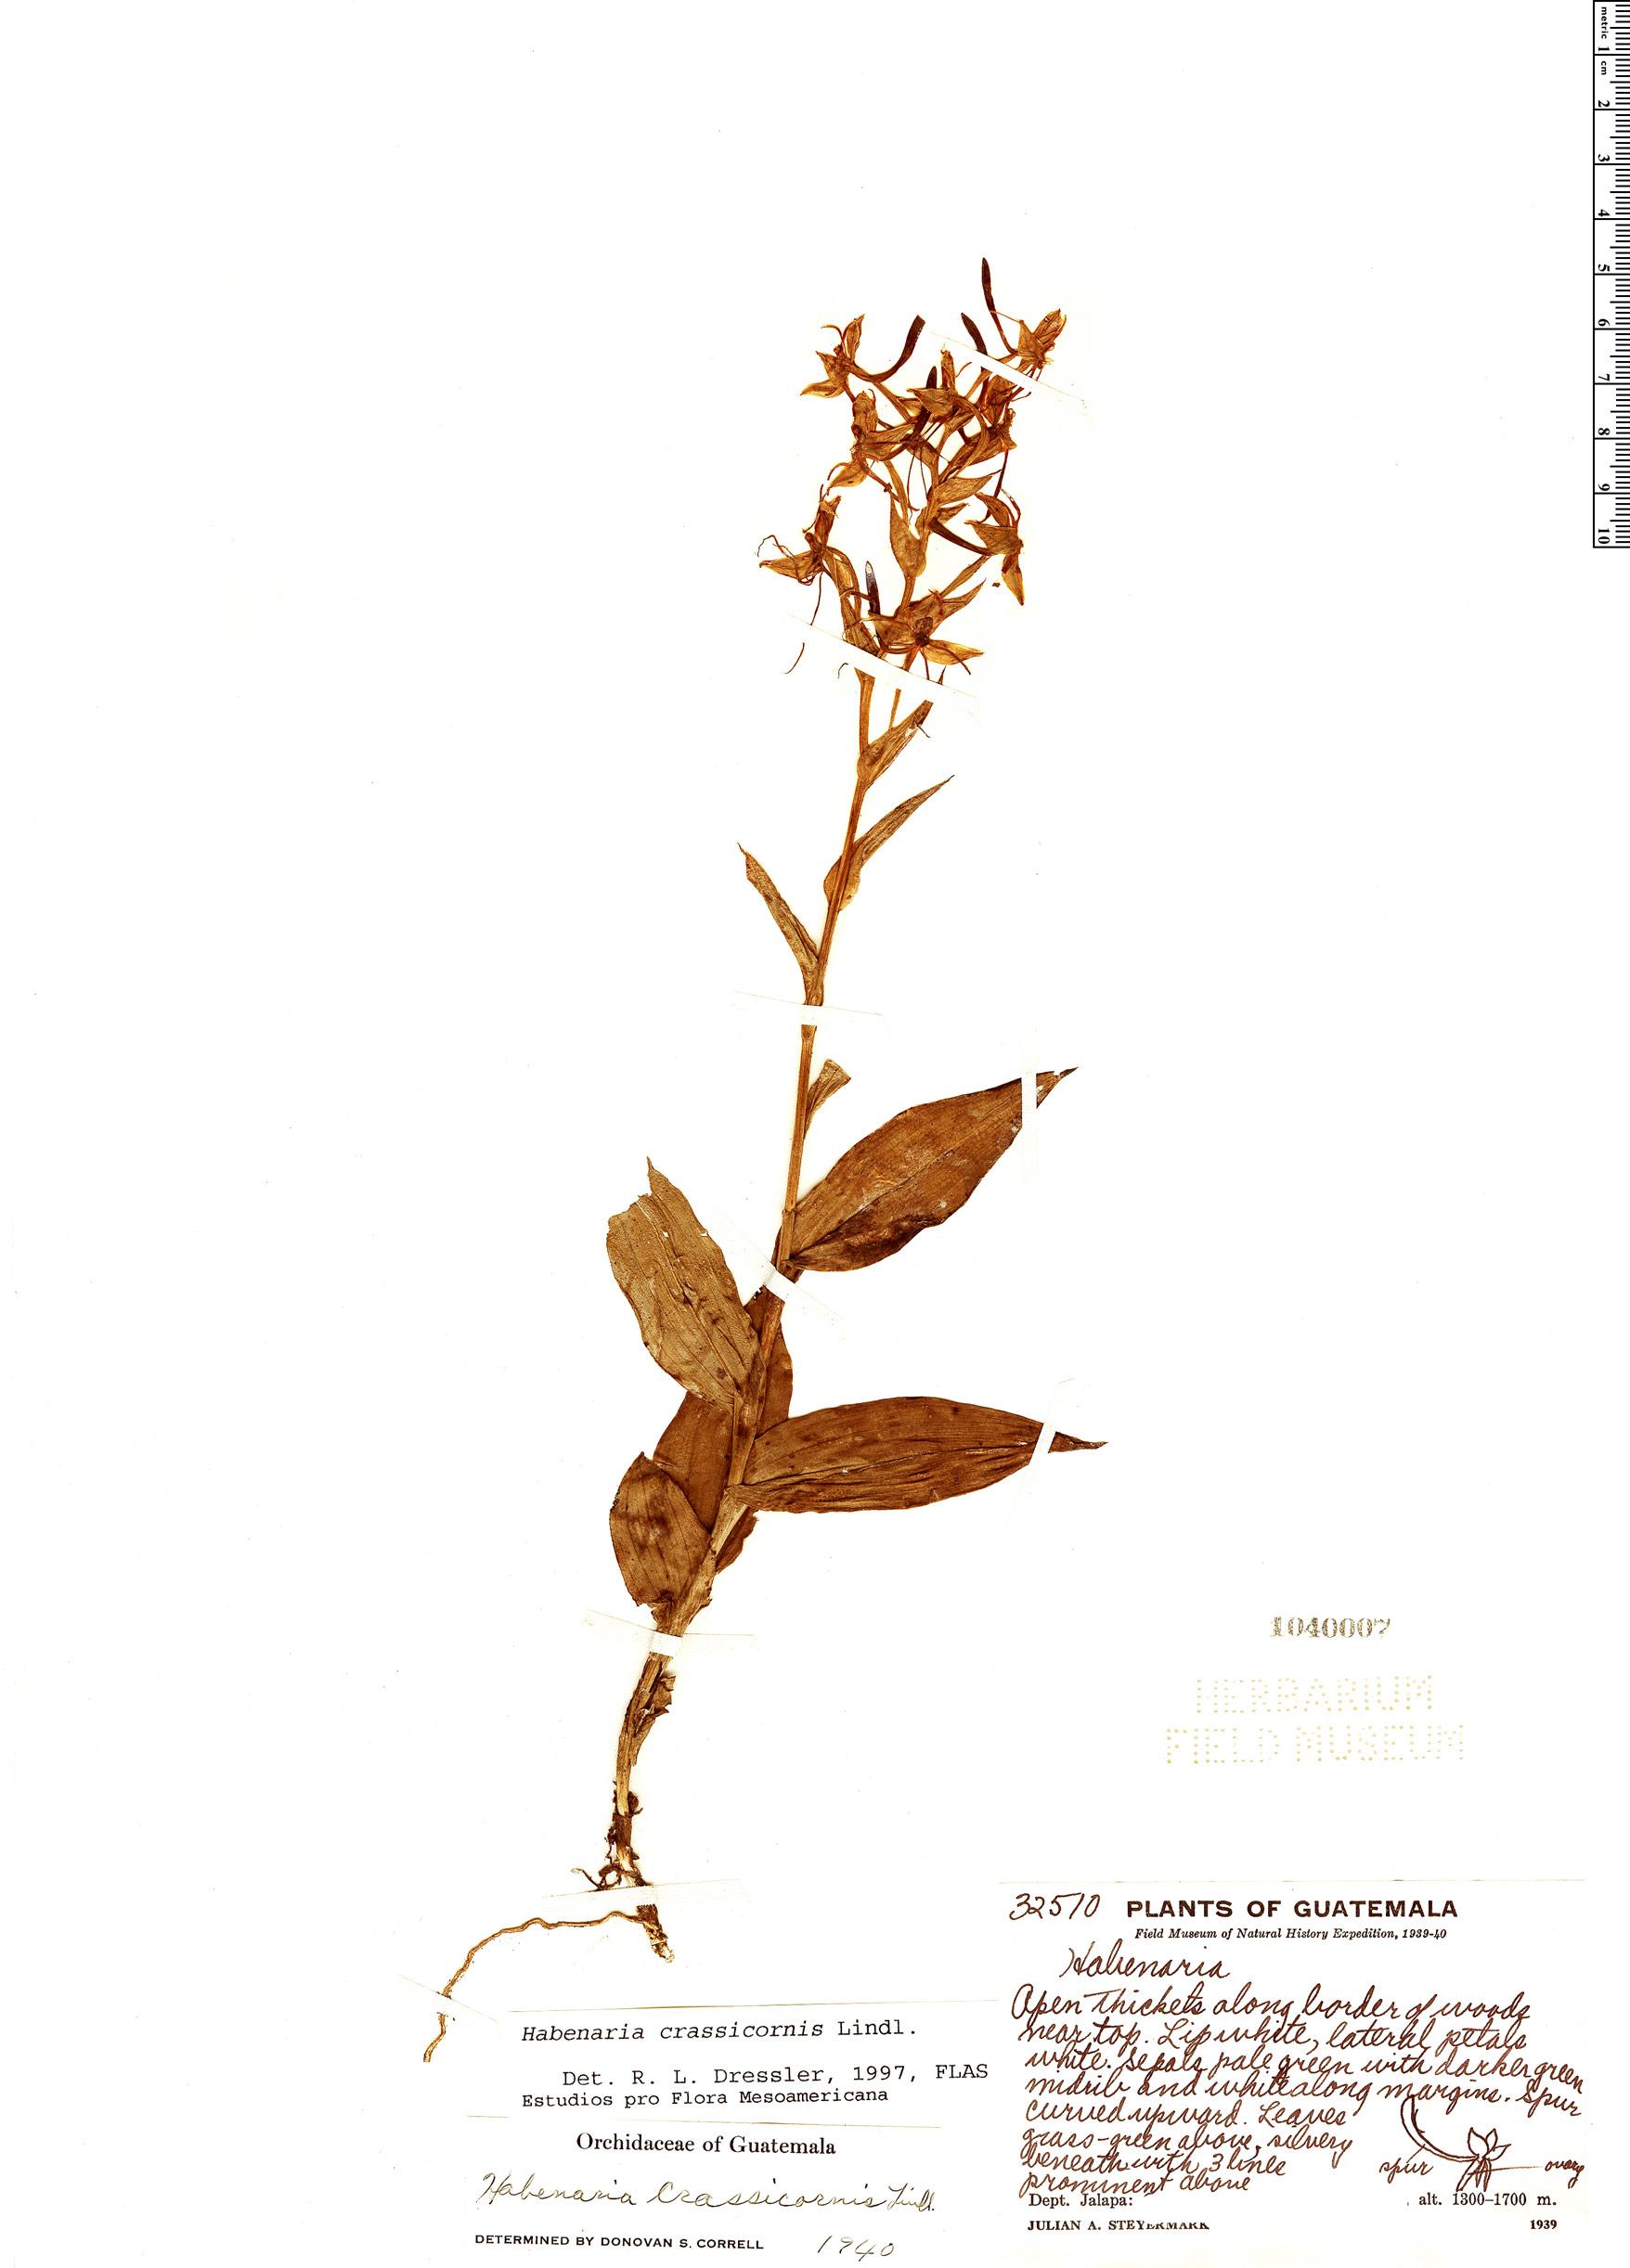 Specimen: Habenaria crassicornis